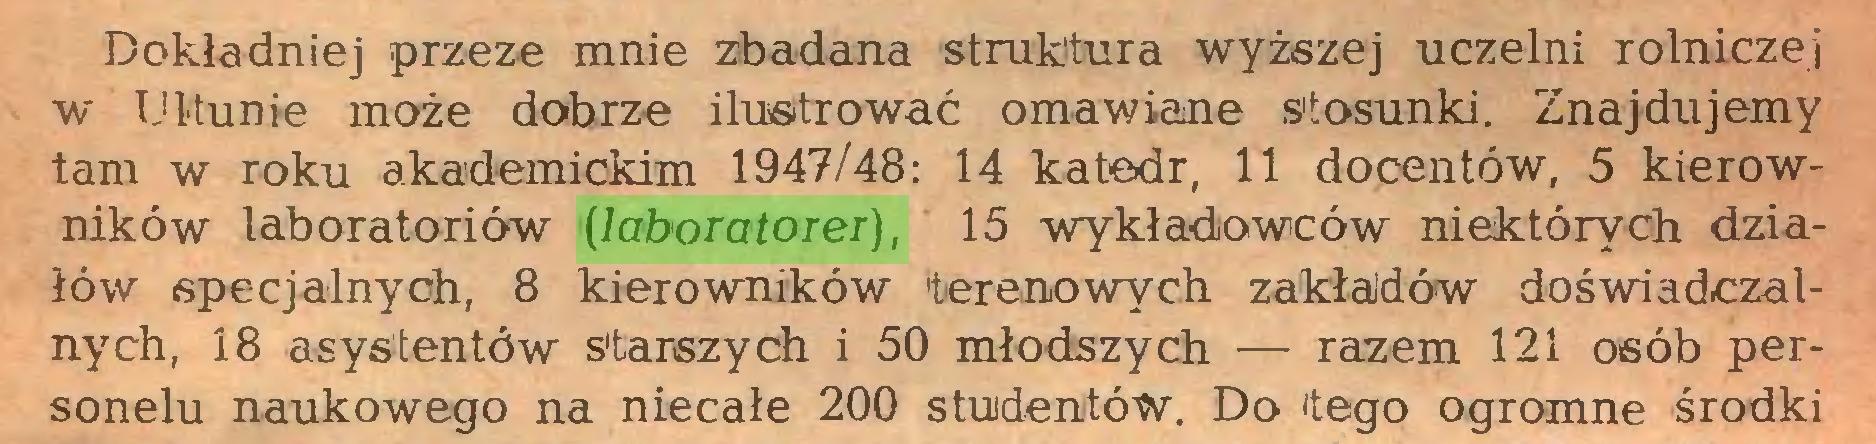 (...) Dokładniej przeze mnie zbadana struktura wyższej uczelni rolniczej w Ultunie może dobrze ilustrować omawiane stosunki. Znajdujemy tam w roku akademickim 1947/48: 14 katedr, 11 docentów, 5 kierowników laboratoriów (laboratorer), 15 wykładowców niektórych działów specjalnych, 8 kierowników terenowych zakładów doświadczalnych, 18 asystentów Starszych i 50 młodszych — razem 121 osób personelu naukowego na niecałe 200 studentów. Do tego ogromne środki...